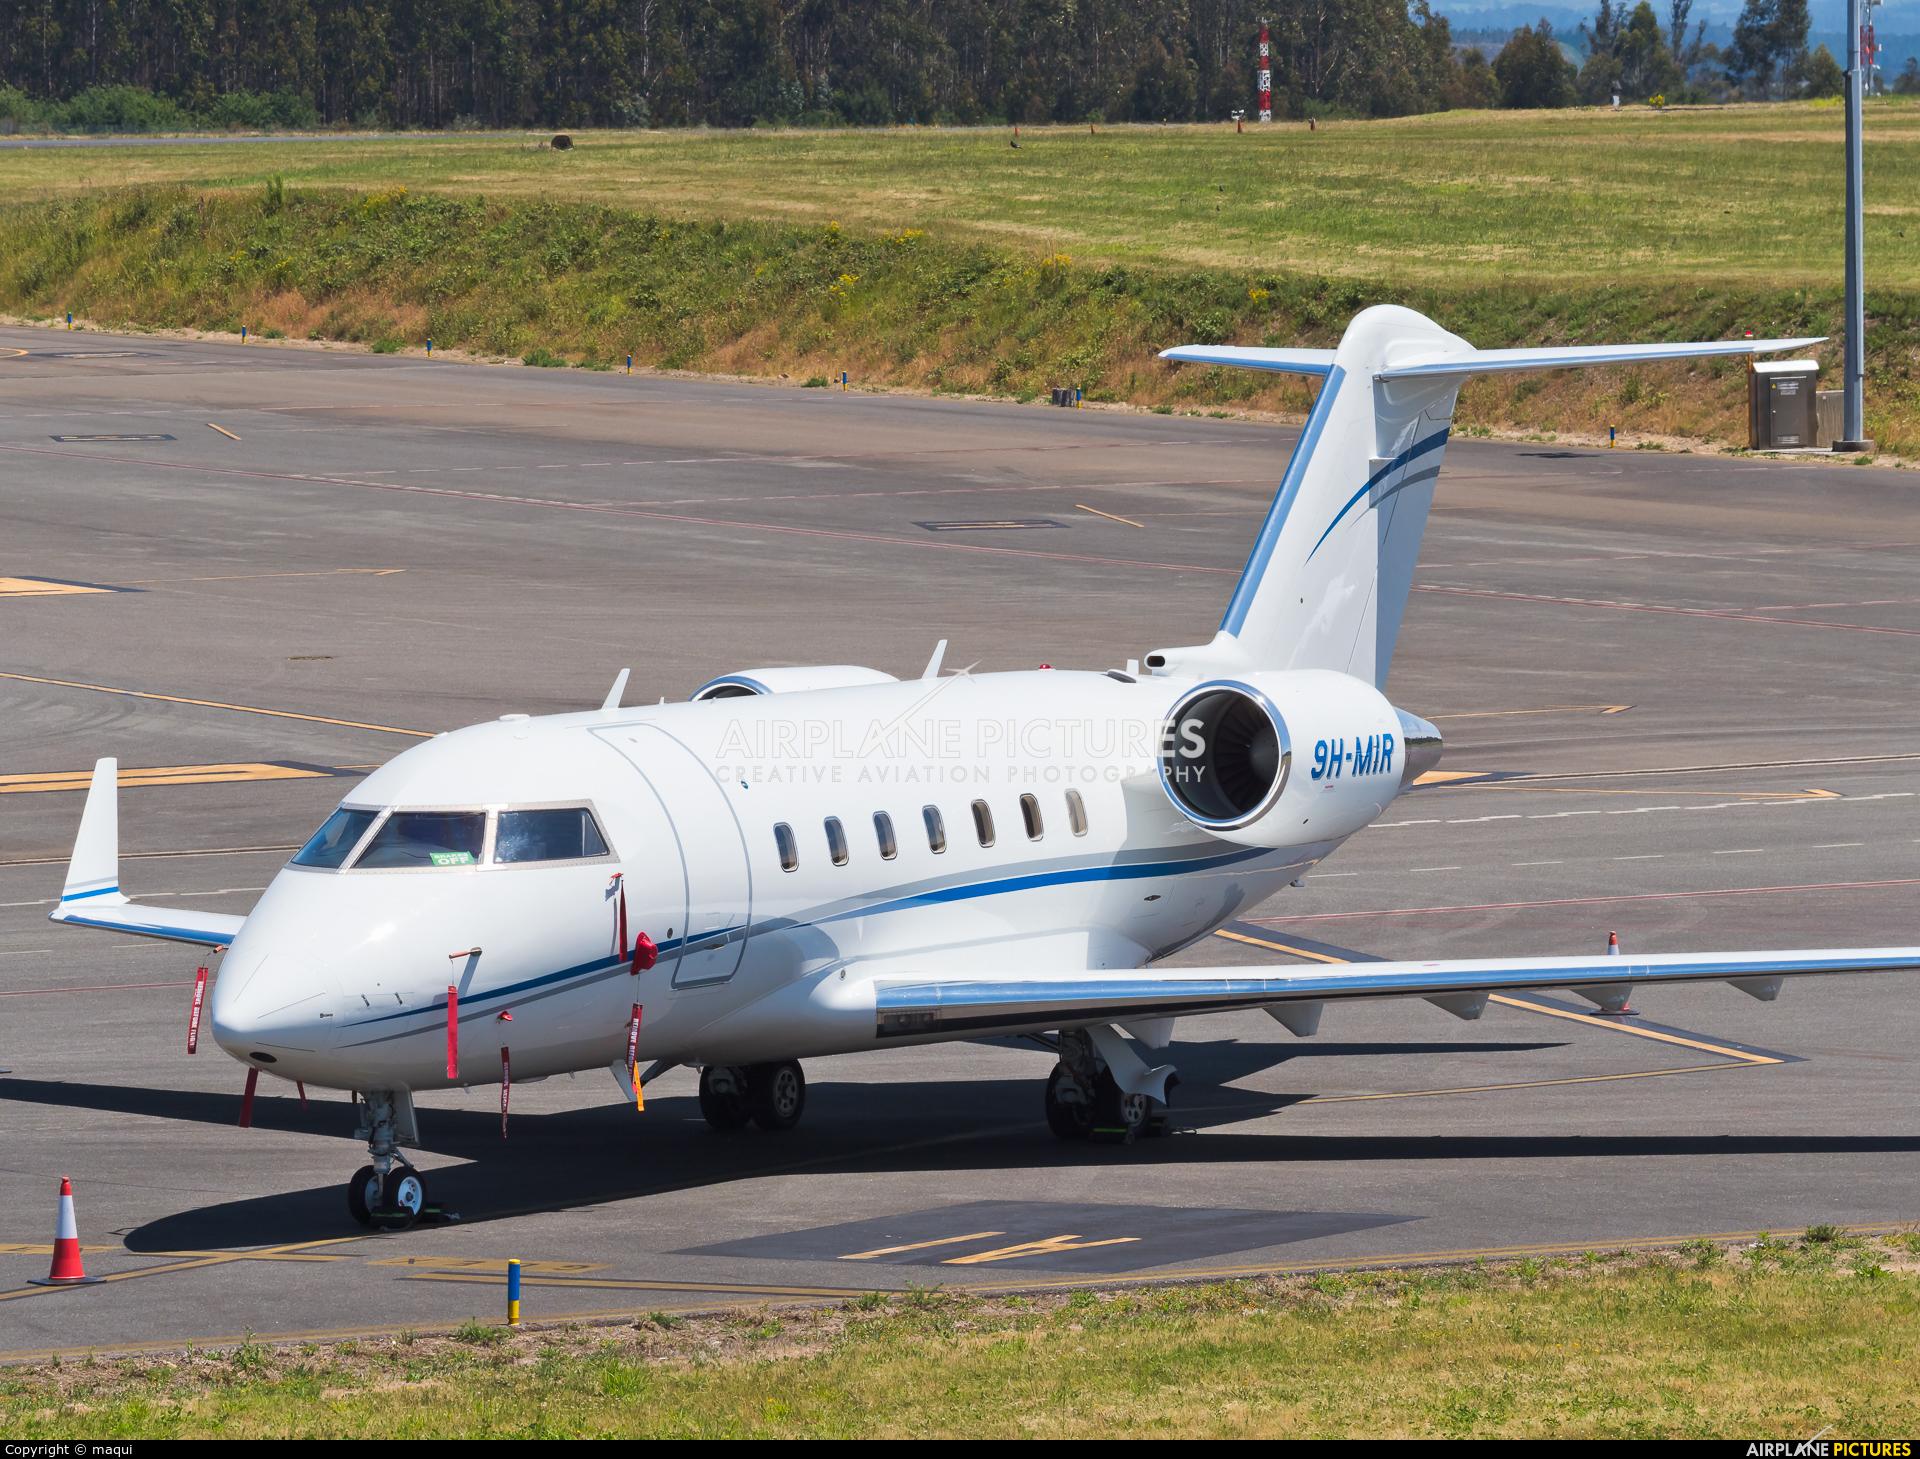 Hi Fly Malta 9H-MIR aircraft at Santiago de Compostela